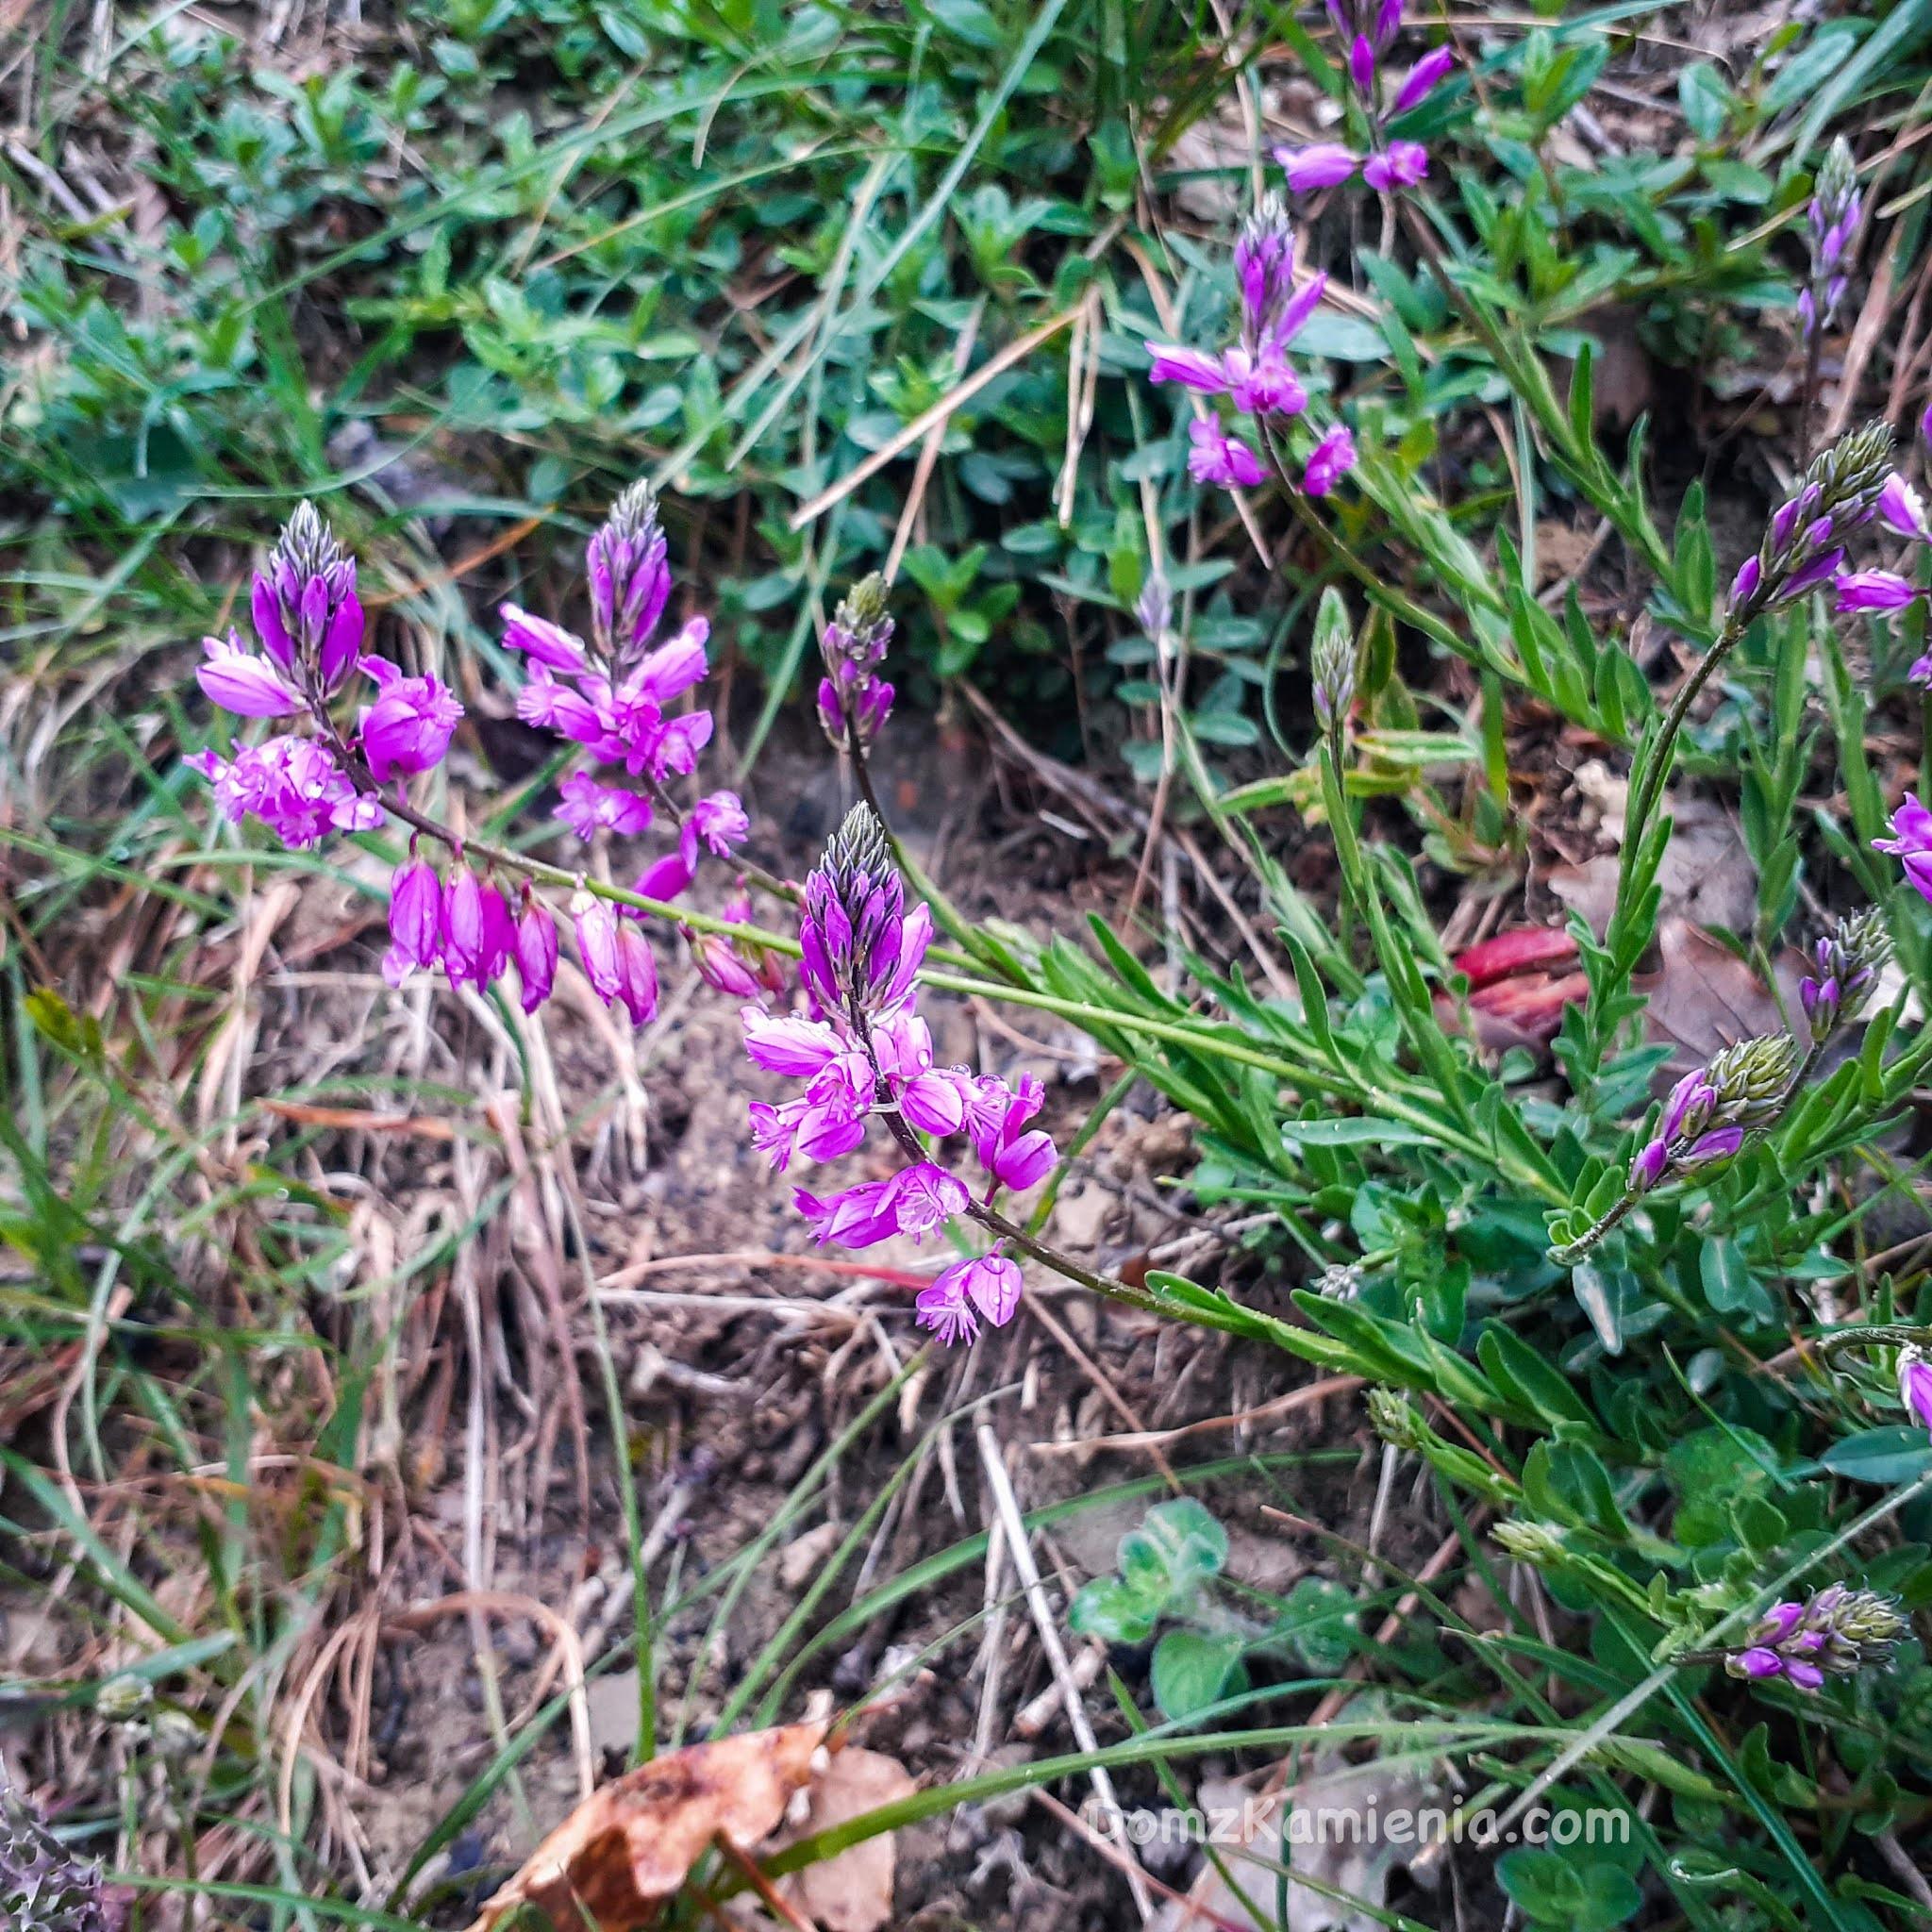 Kwiaty toskańskie, wiosna w Marradi, Dom z Kamienia blog